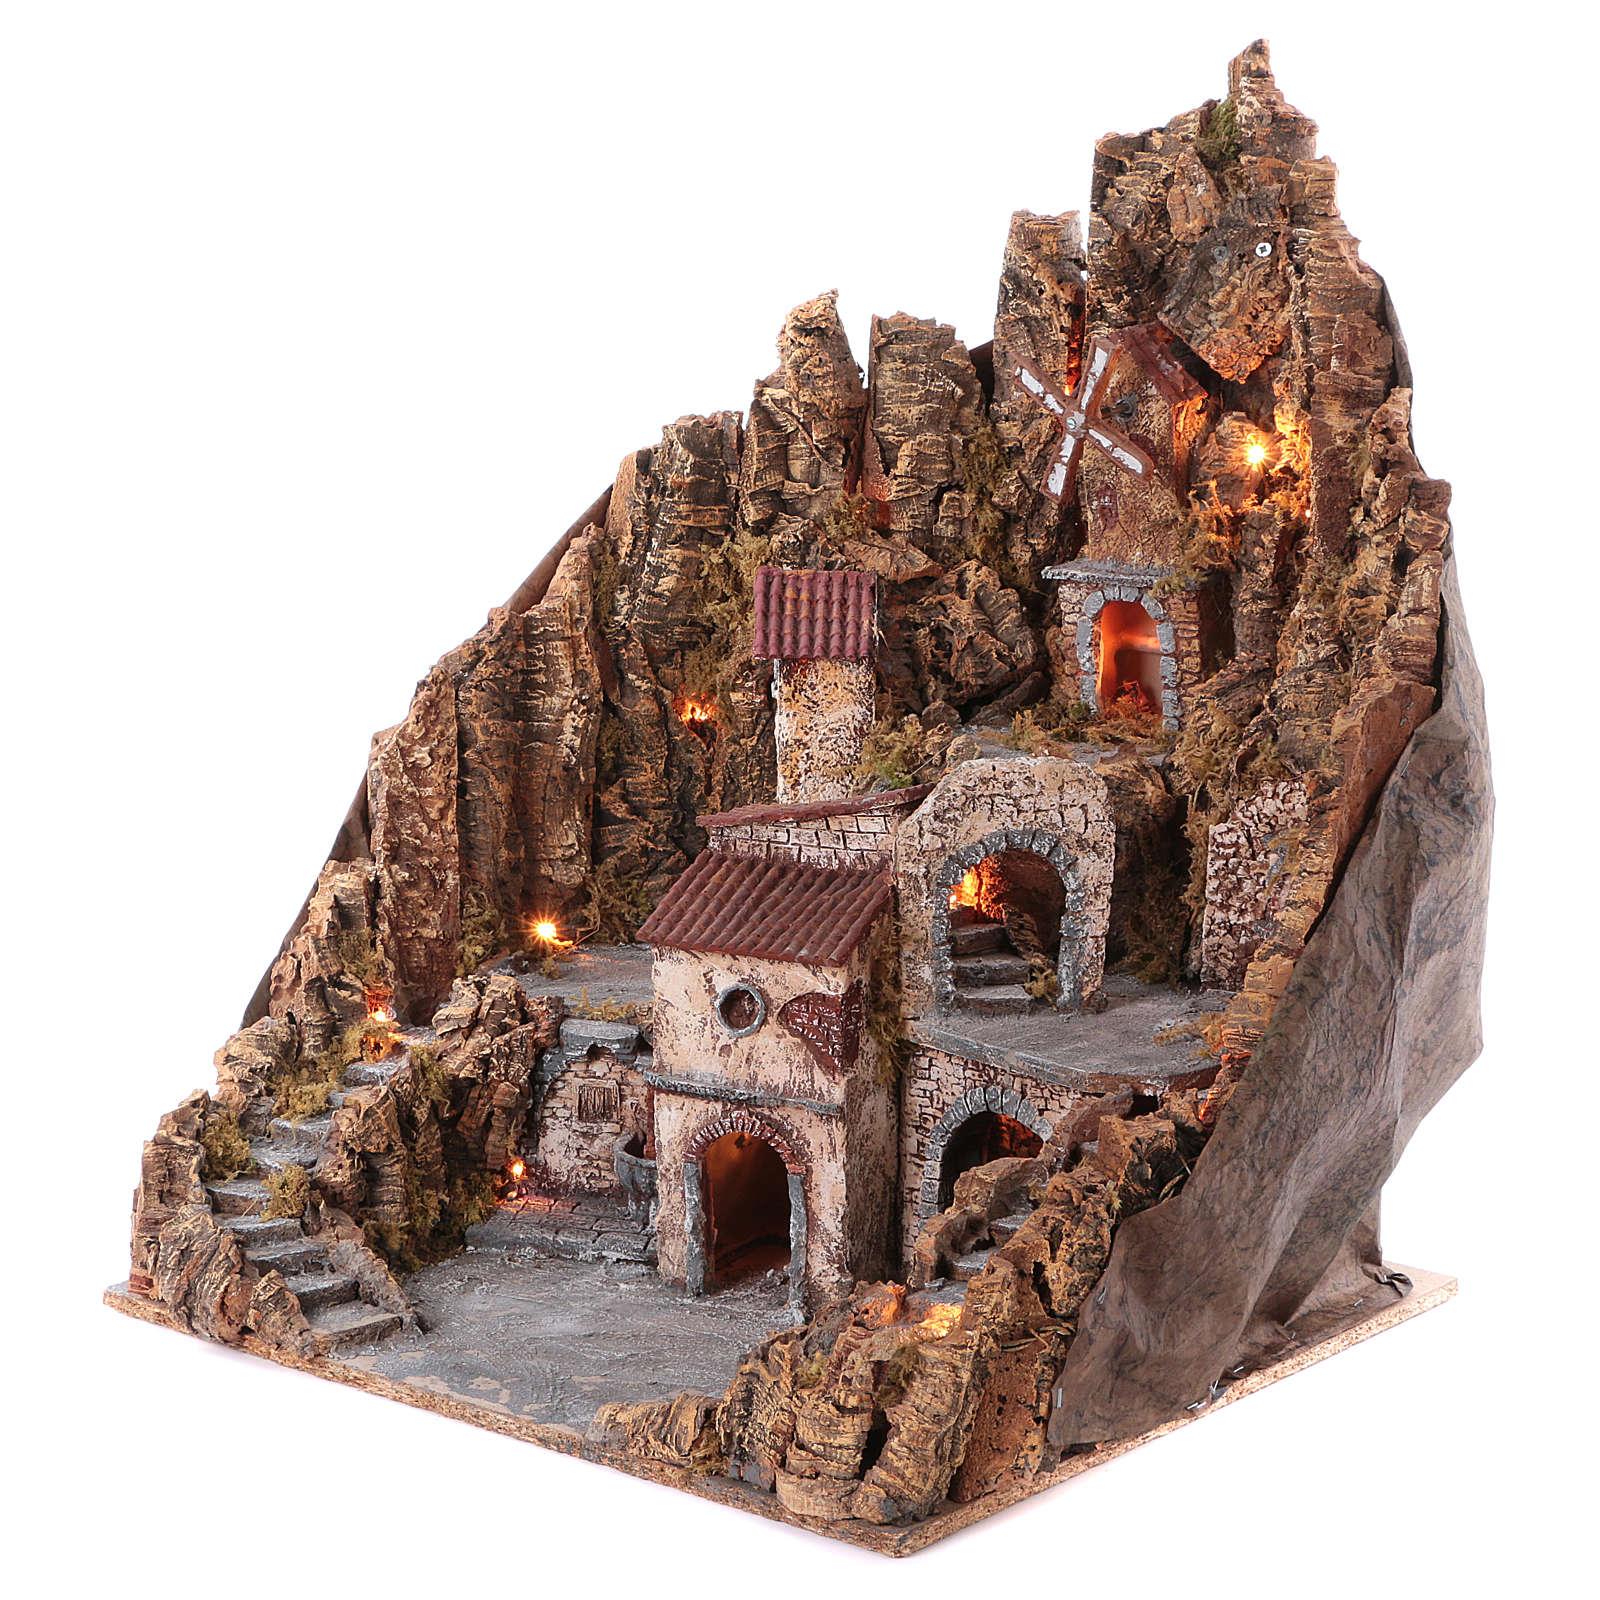 Borgo presepe completo fontana forno illuminato mulino funzionante 70X65X60 cm presepe napoletano 4